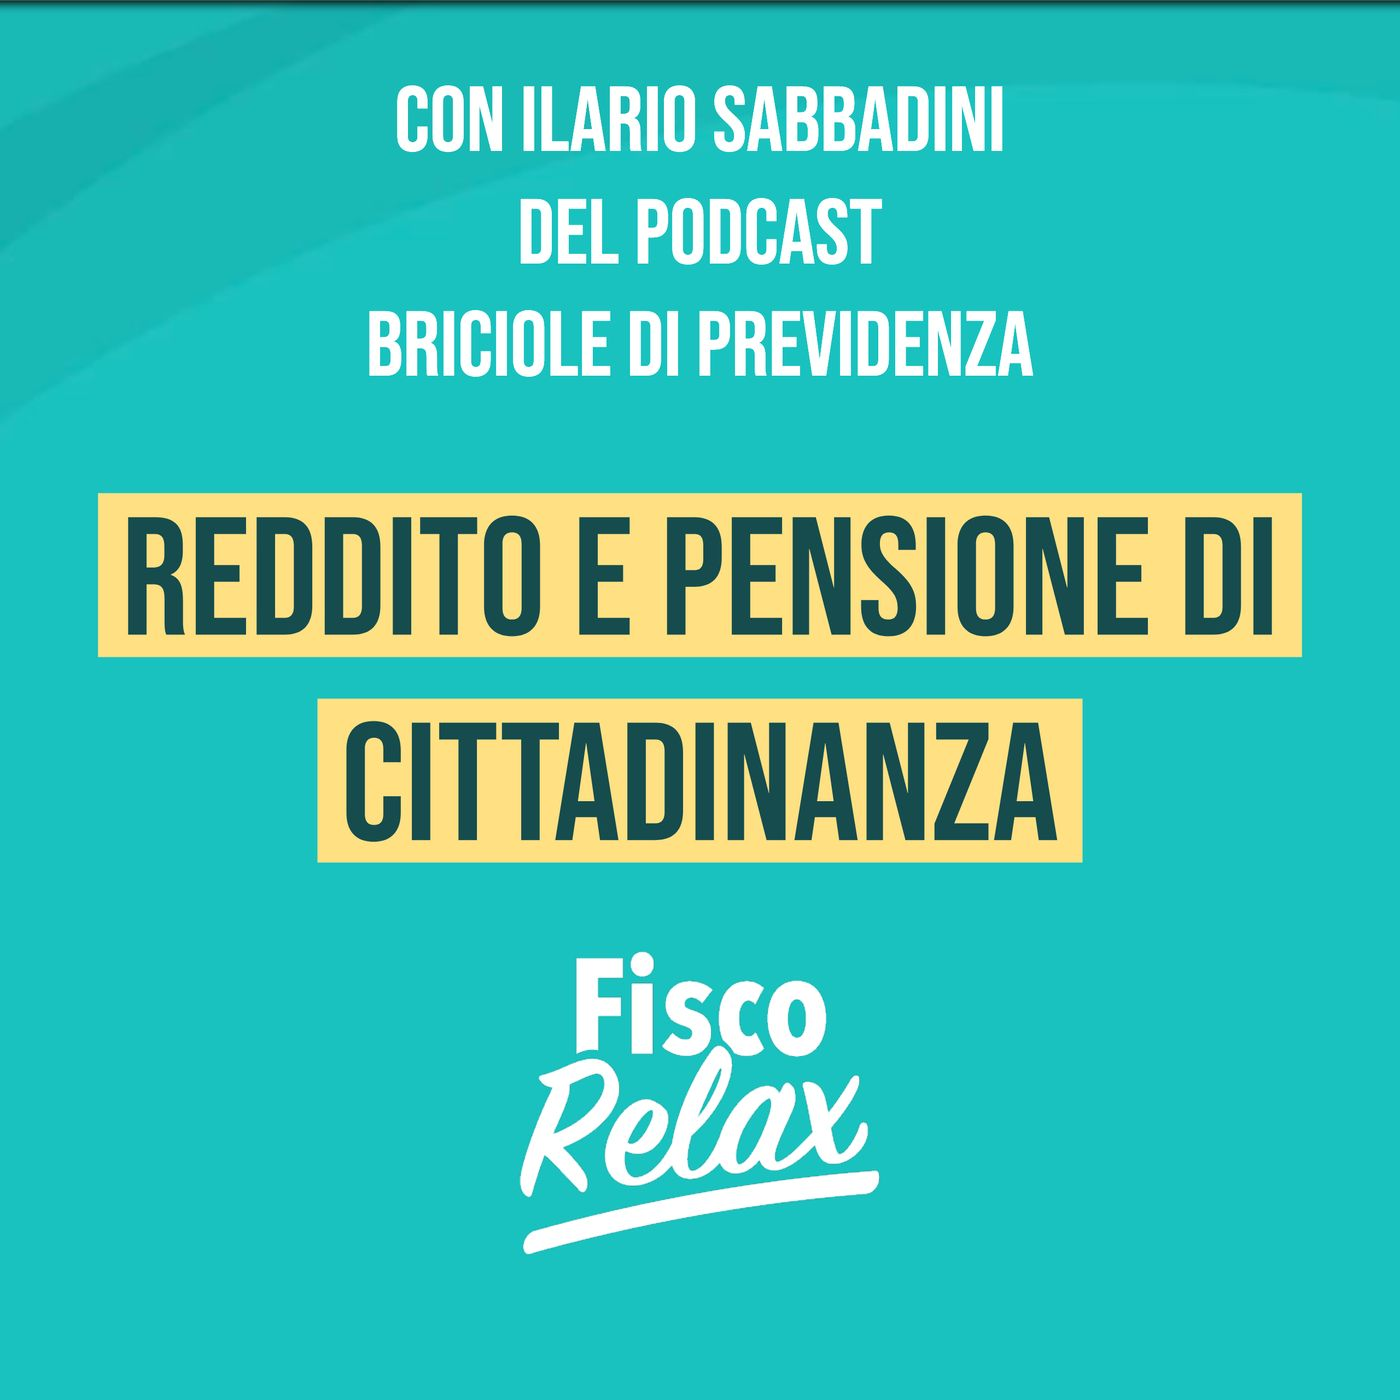 Reddito e pensione di cittadinanza -con Ilario Sabbadini di Briciole di Previdenza